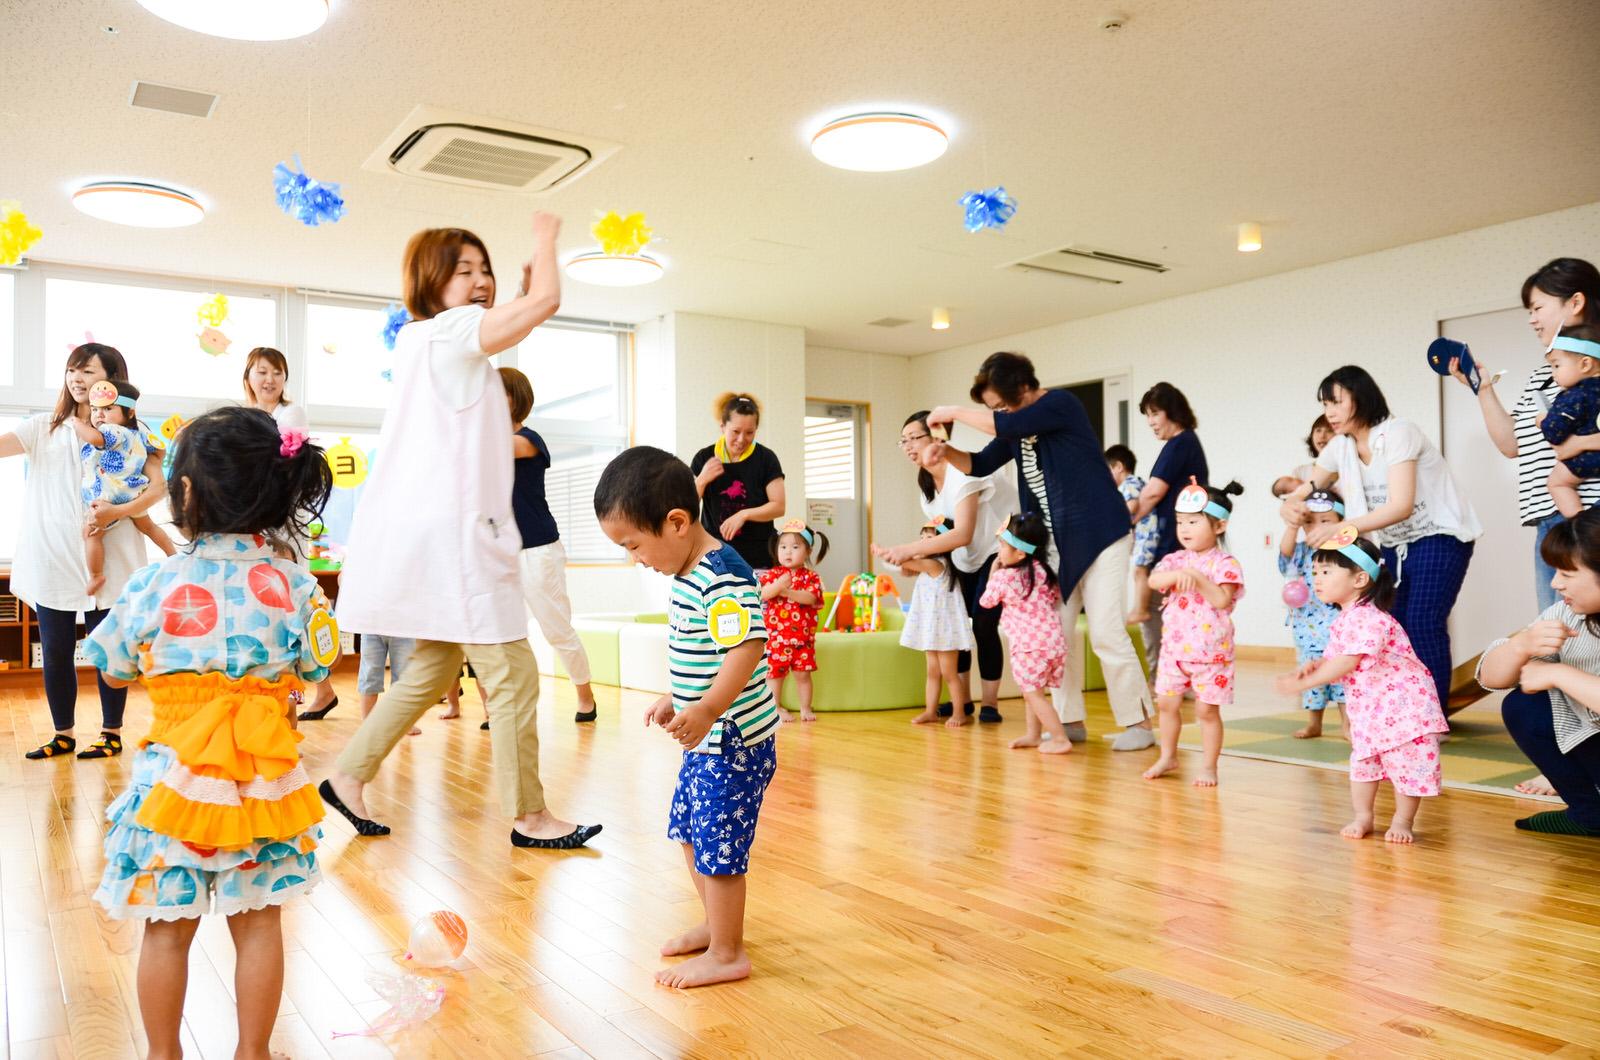 7月26日に行われた夏祭りでは、親子が盆踊りを楽しんだ(提供:南三陸町企画課)